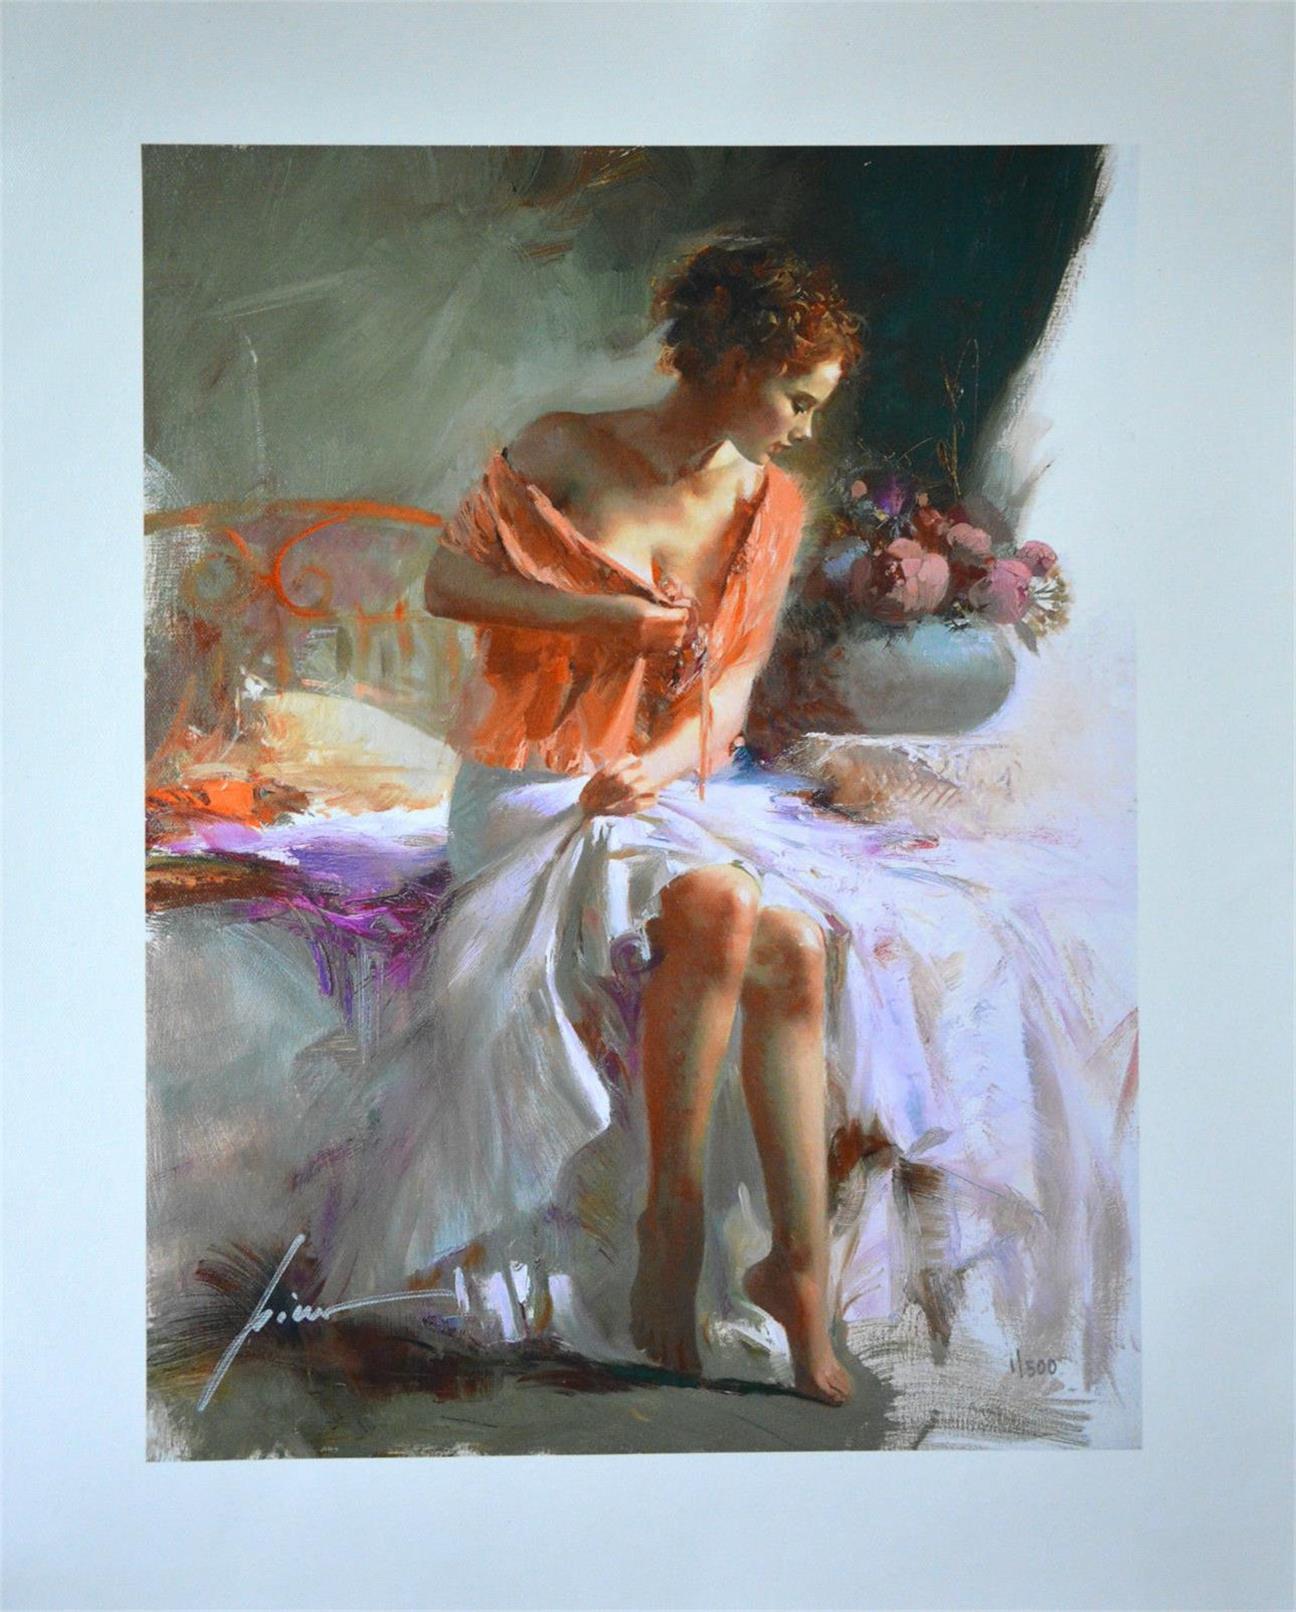 Pino Daeni Retrato Decoración para el hogar genuino Pure Pure Handpainted HD Imprimir Pintura al óleo sobre lienzo Arte de la pared Imágenes de lienzo, F210308